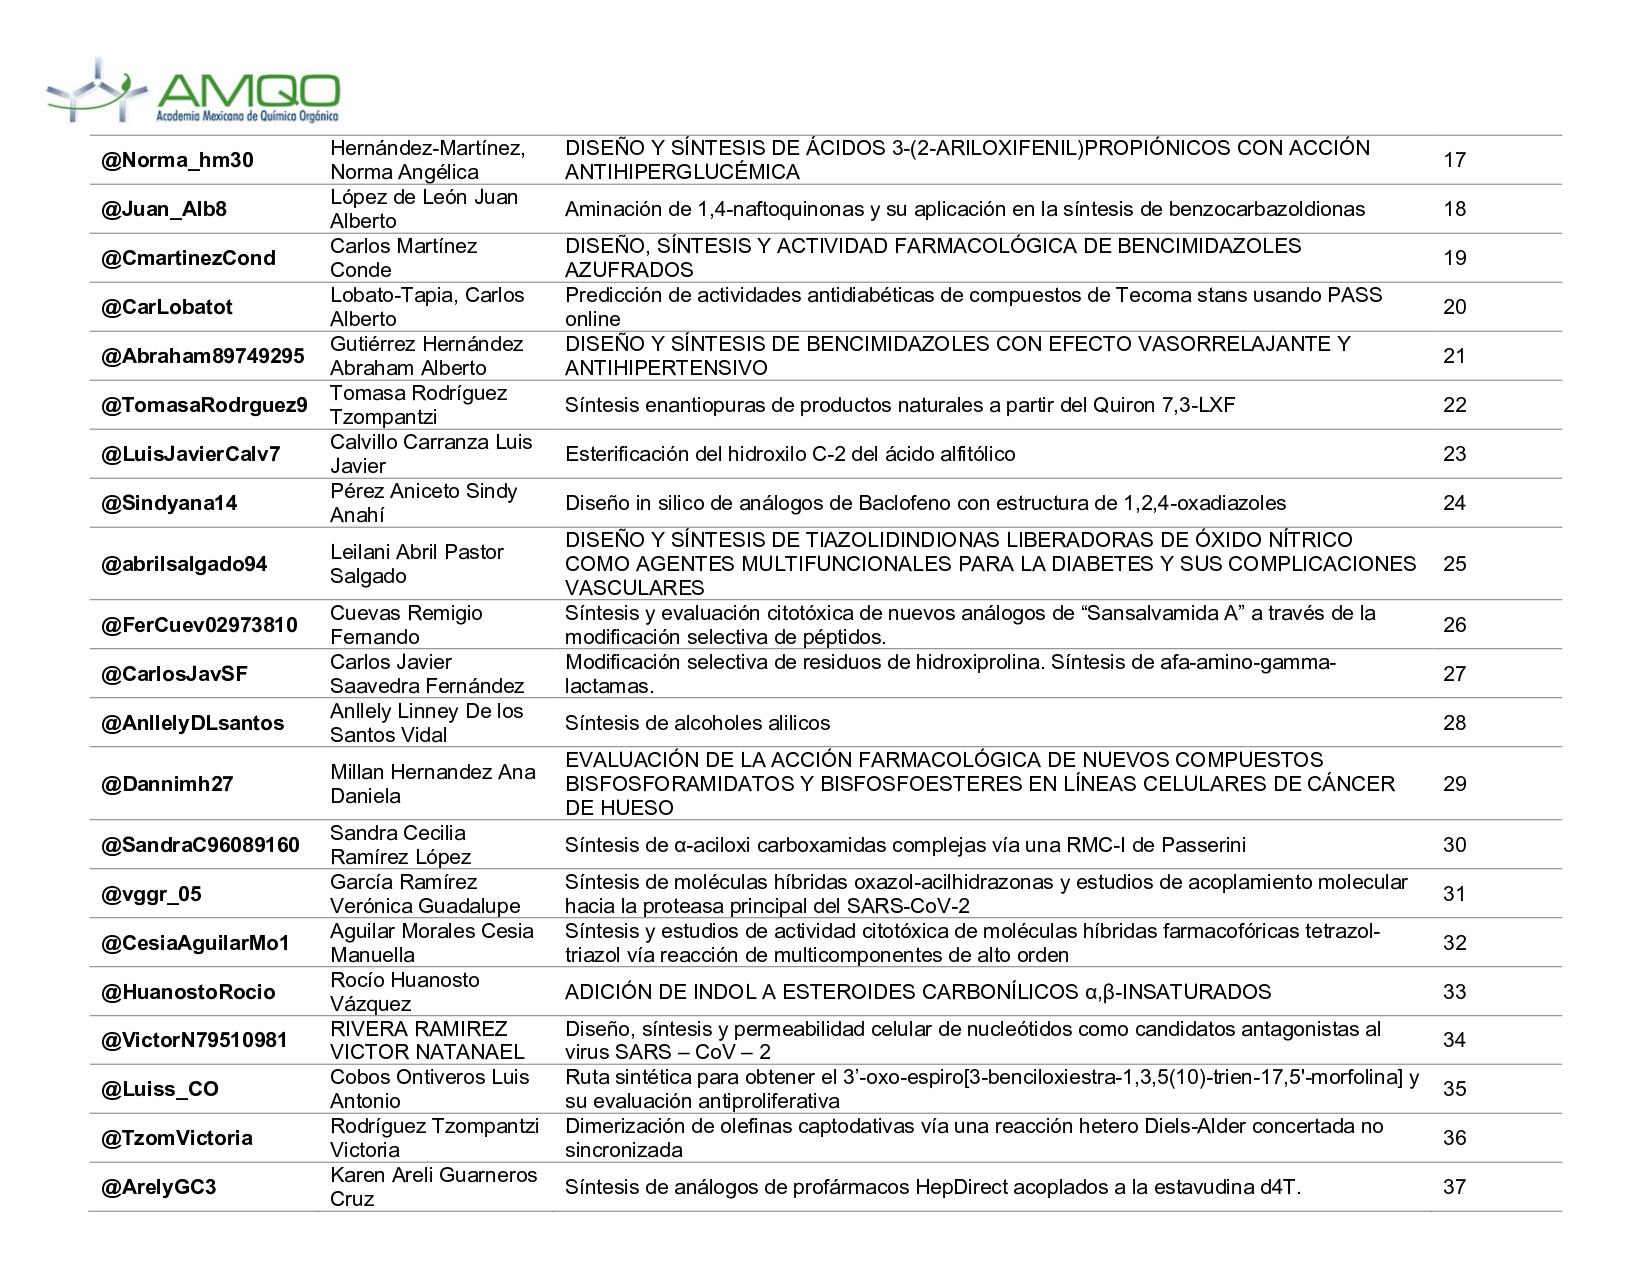 Lista de carteles XVI AMQO_pages-to-jpg-0002